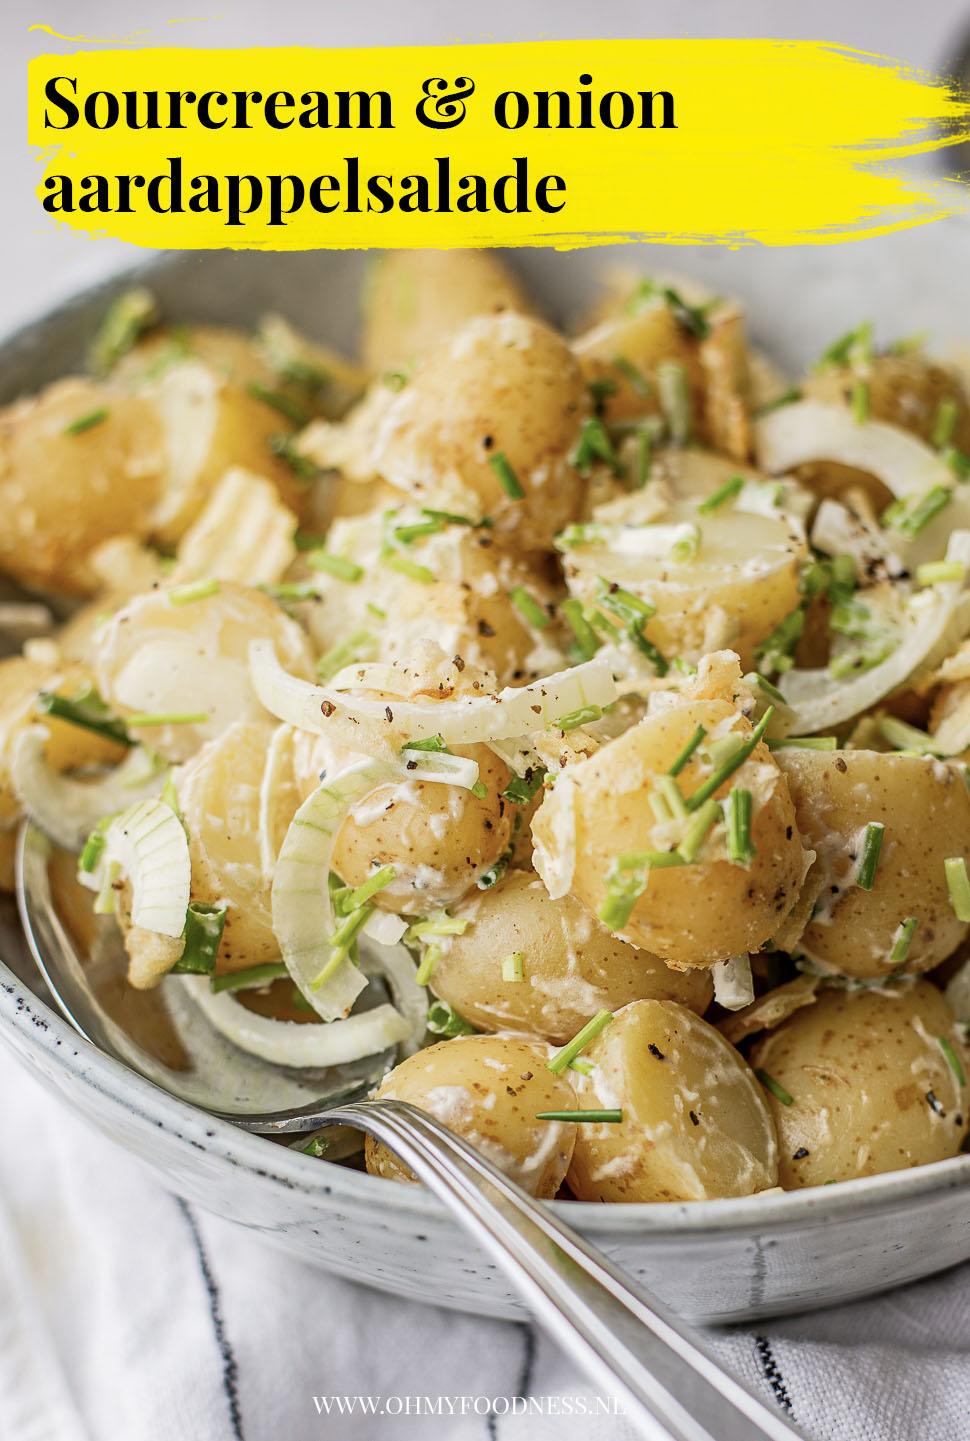 Sour cream & Onion aardappelsalade